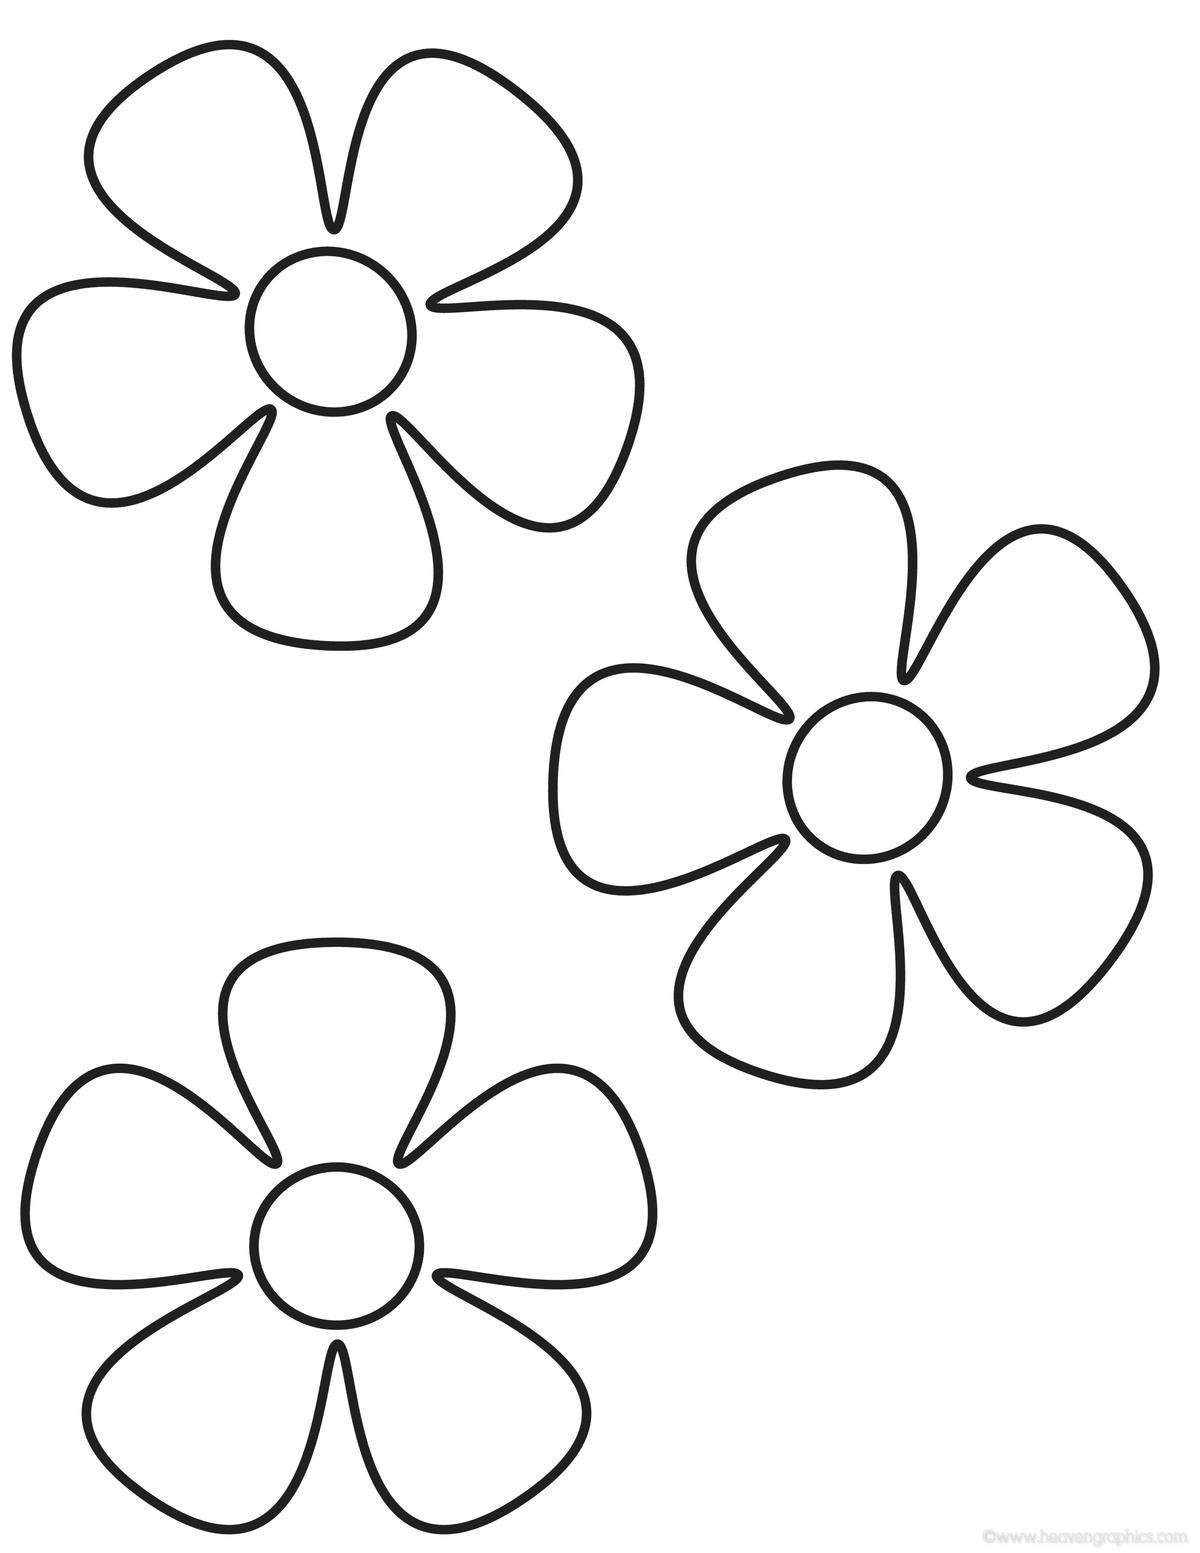 цветы для раскрашивания и вырезания черным